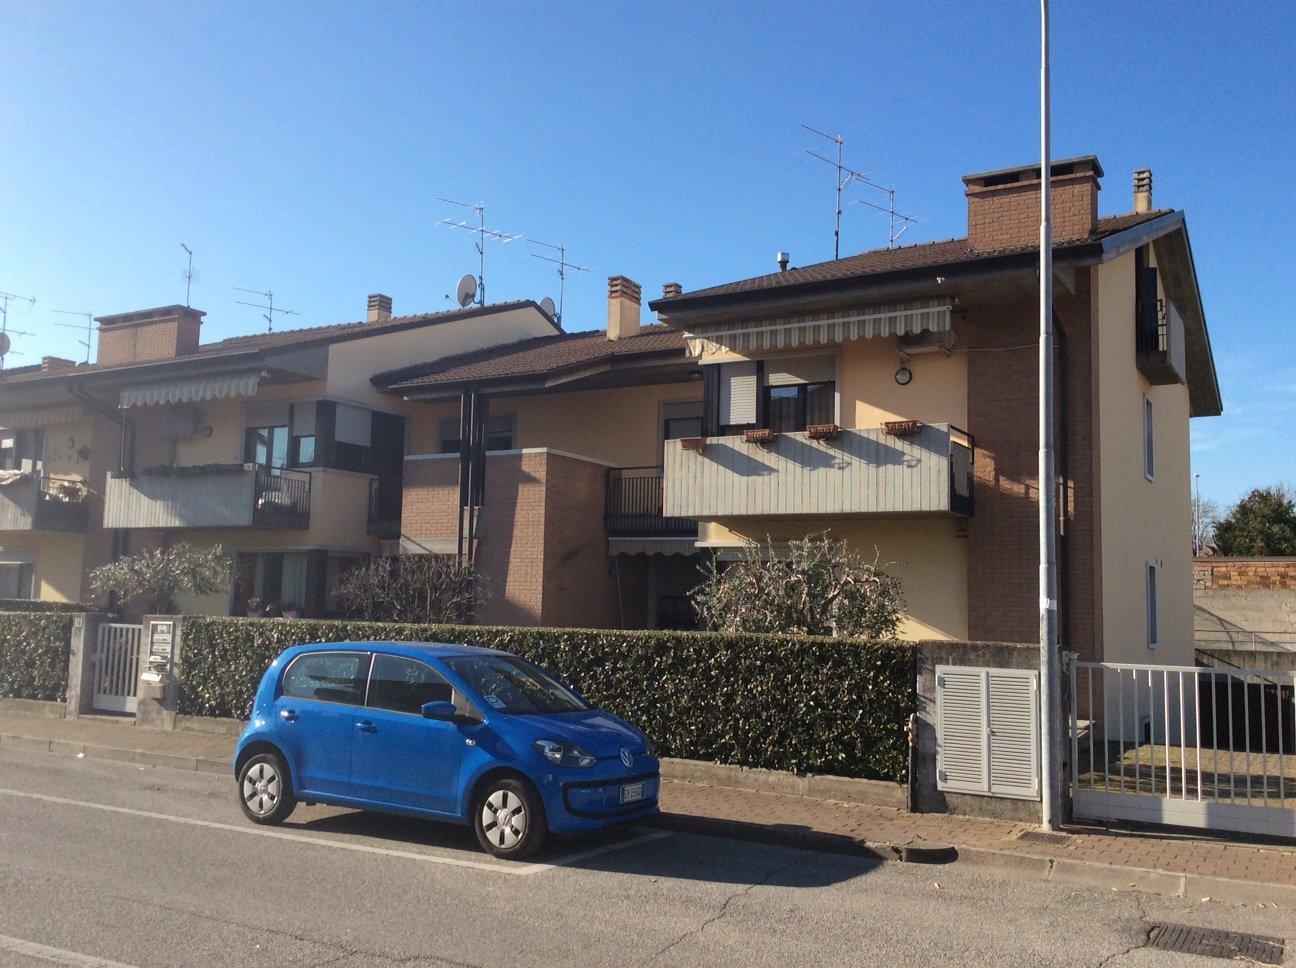 costruzione appartamenti indipendenti con auto blu parcheggiata vicino alla siepe